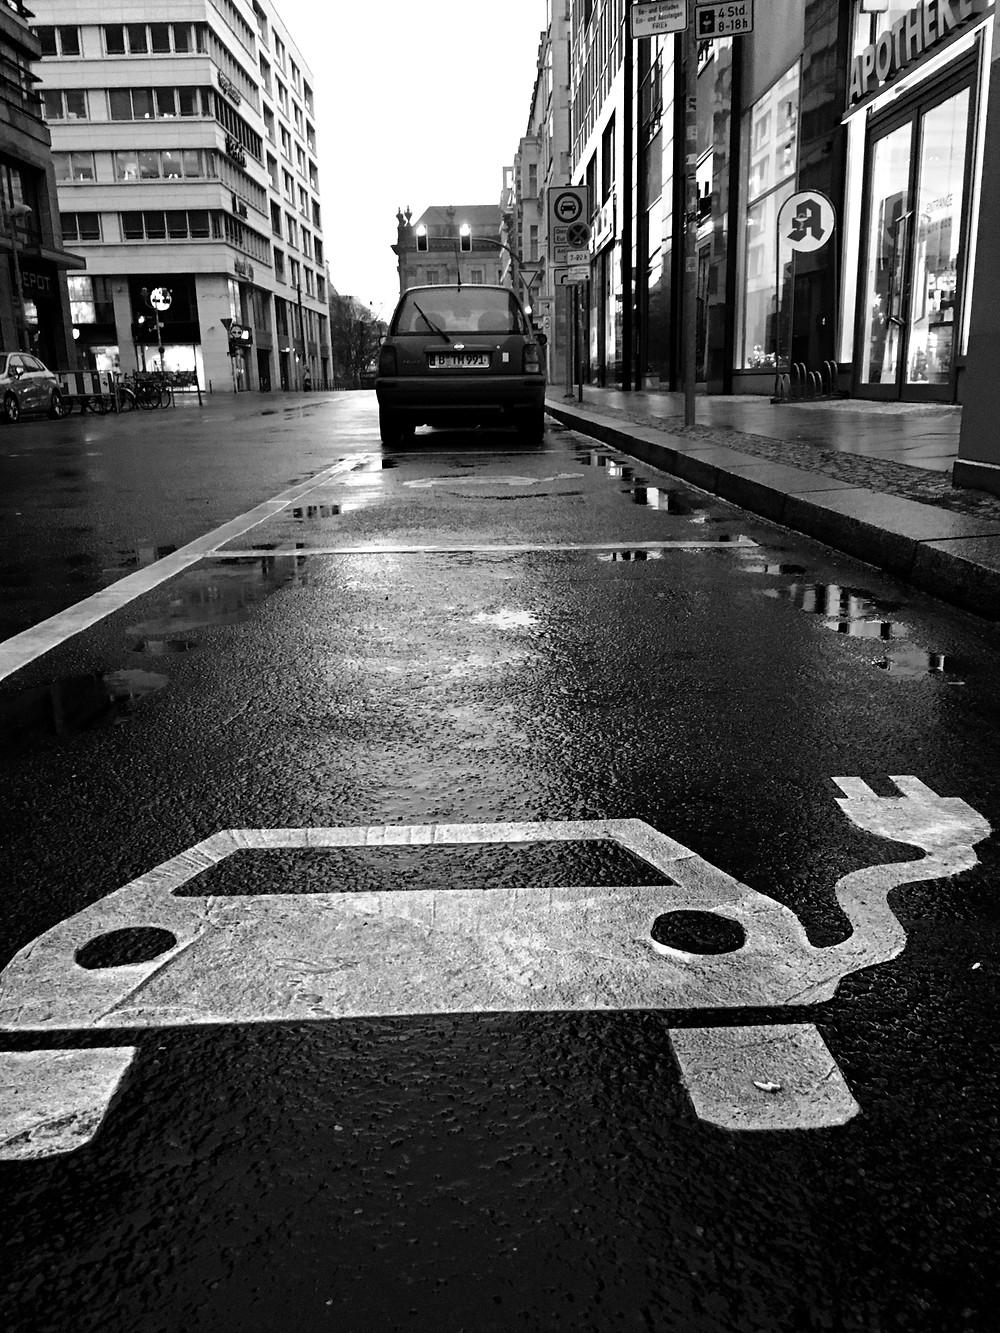 Berlin EV street parking